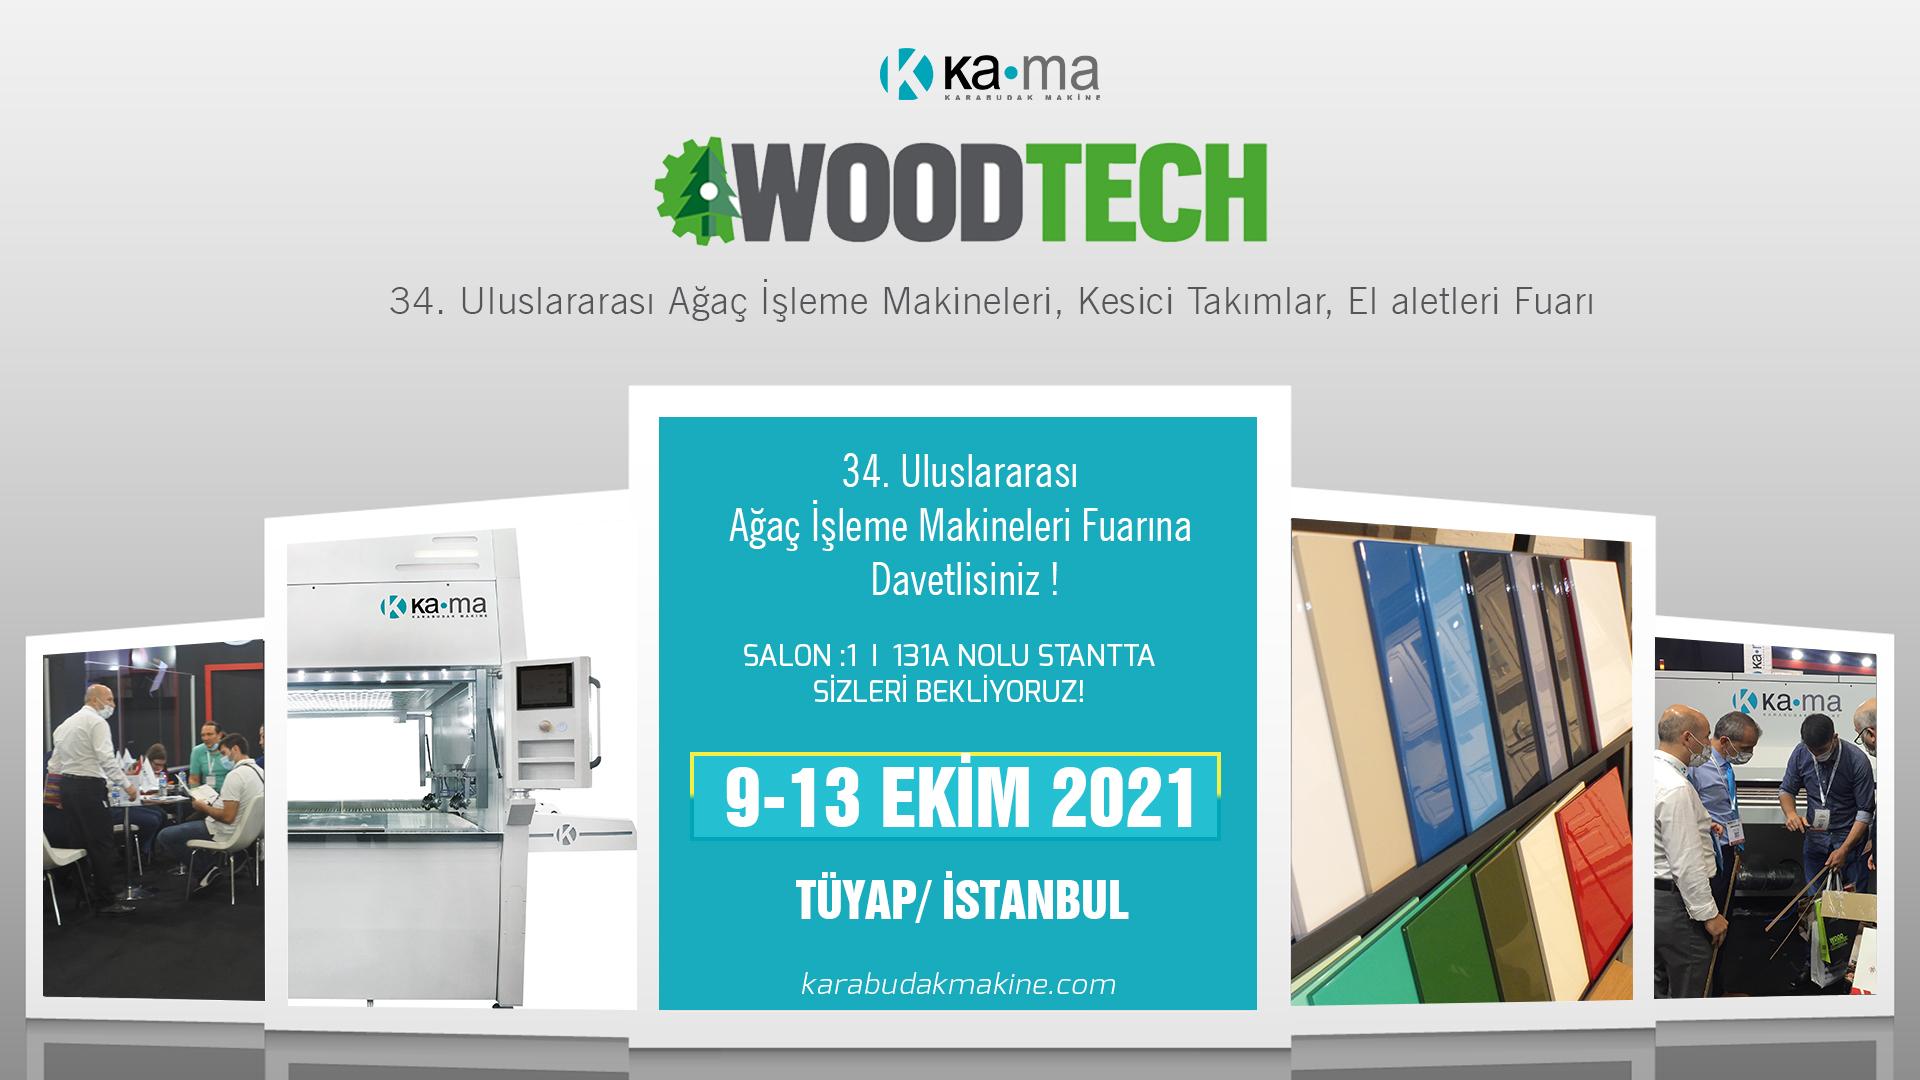 woodtech 2021